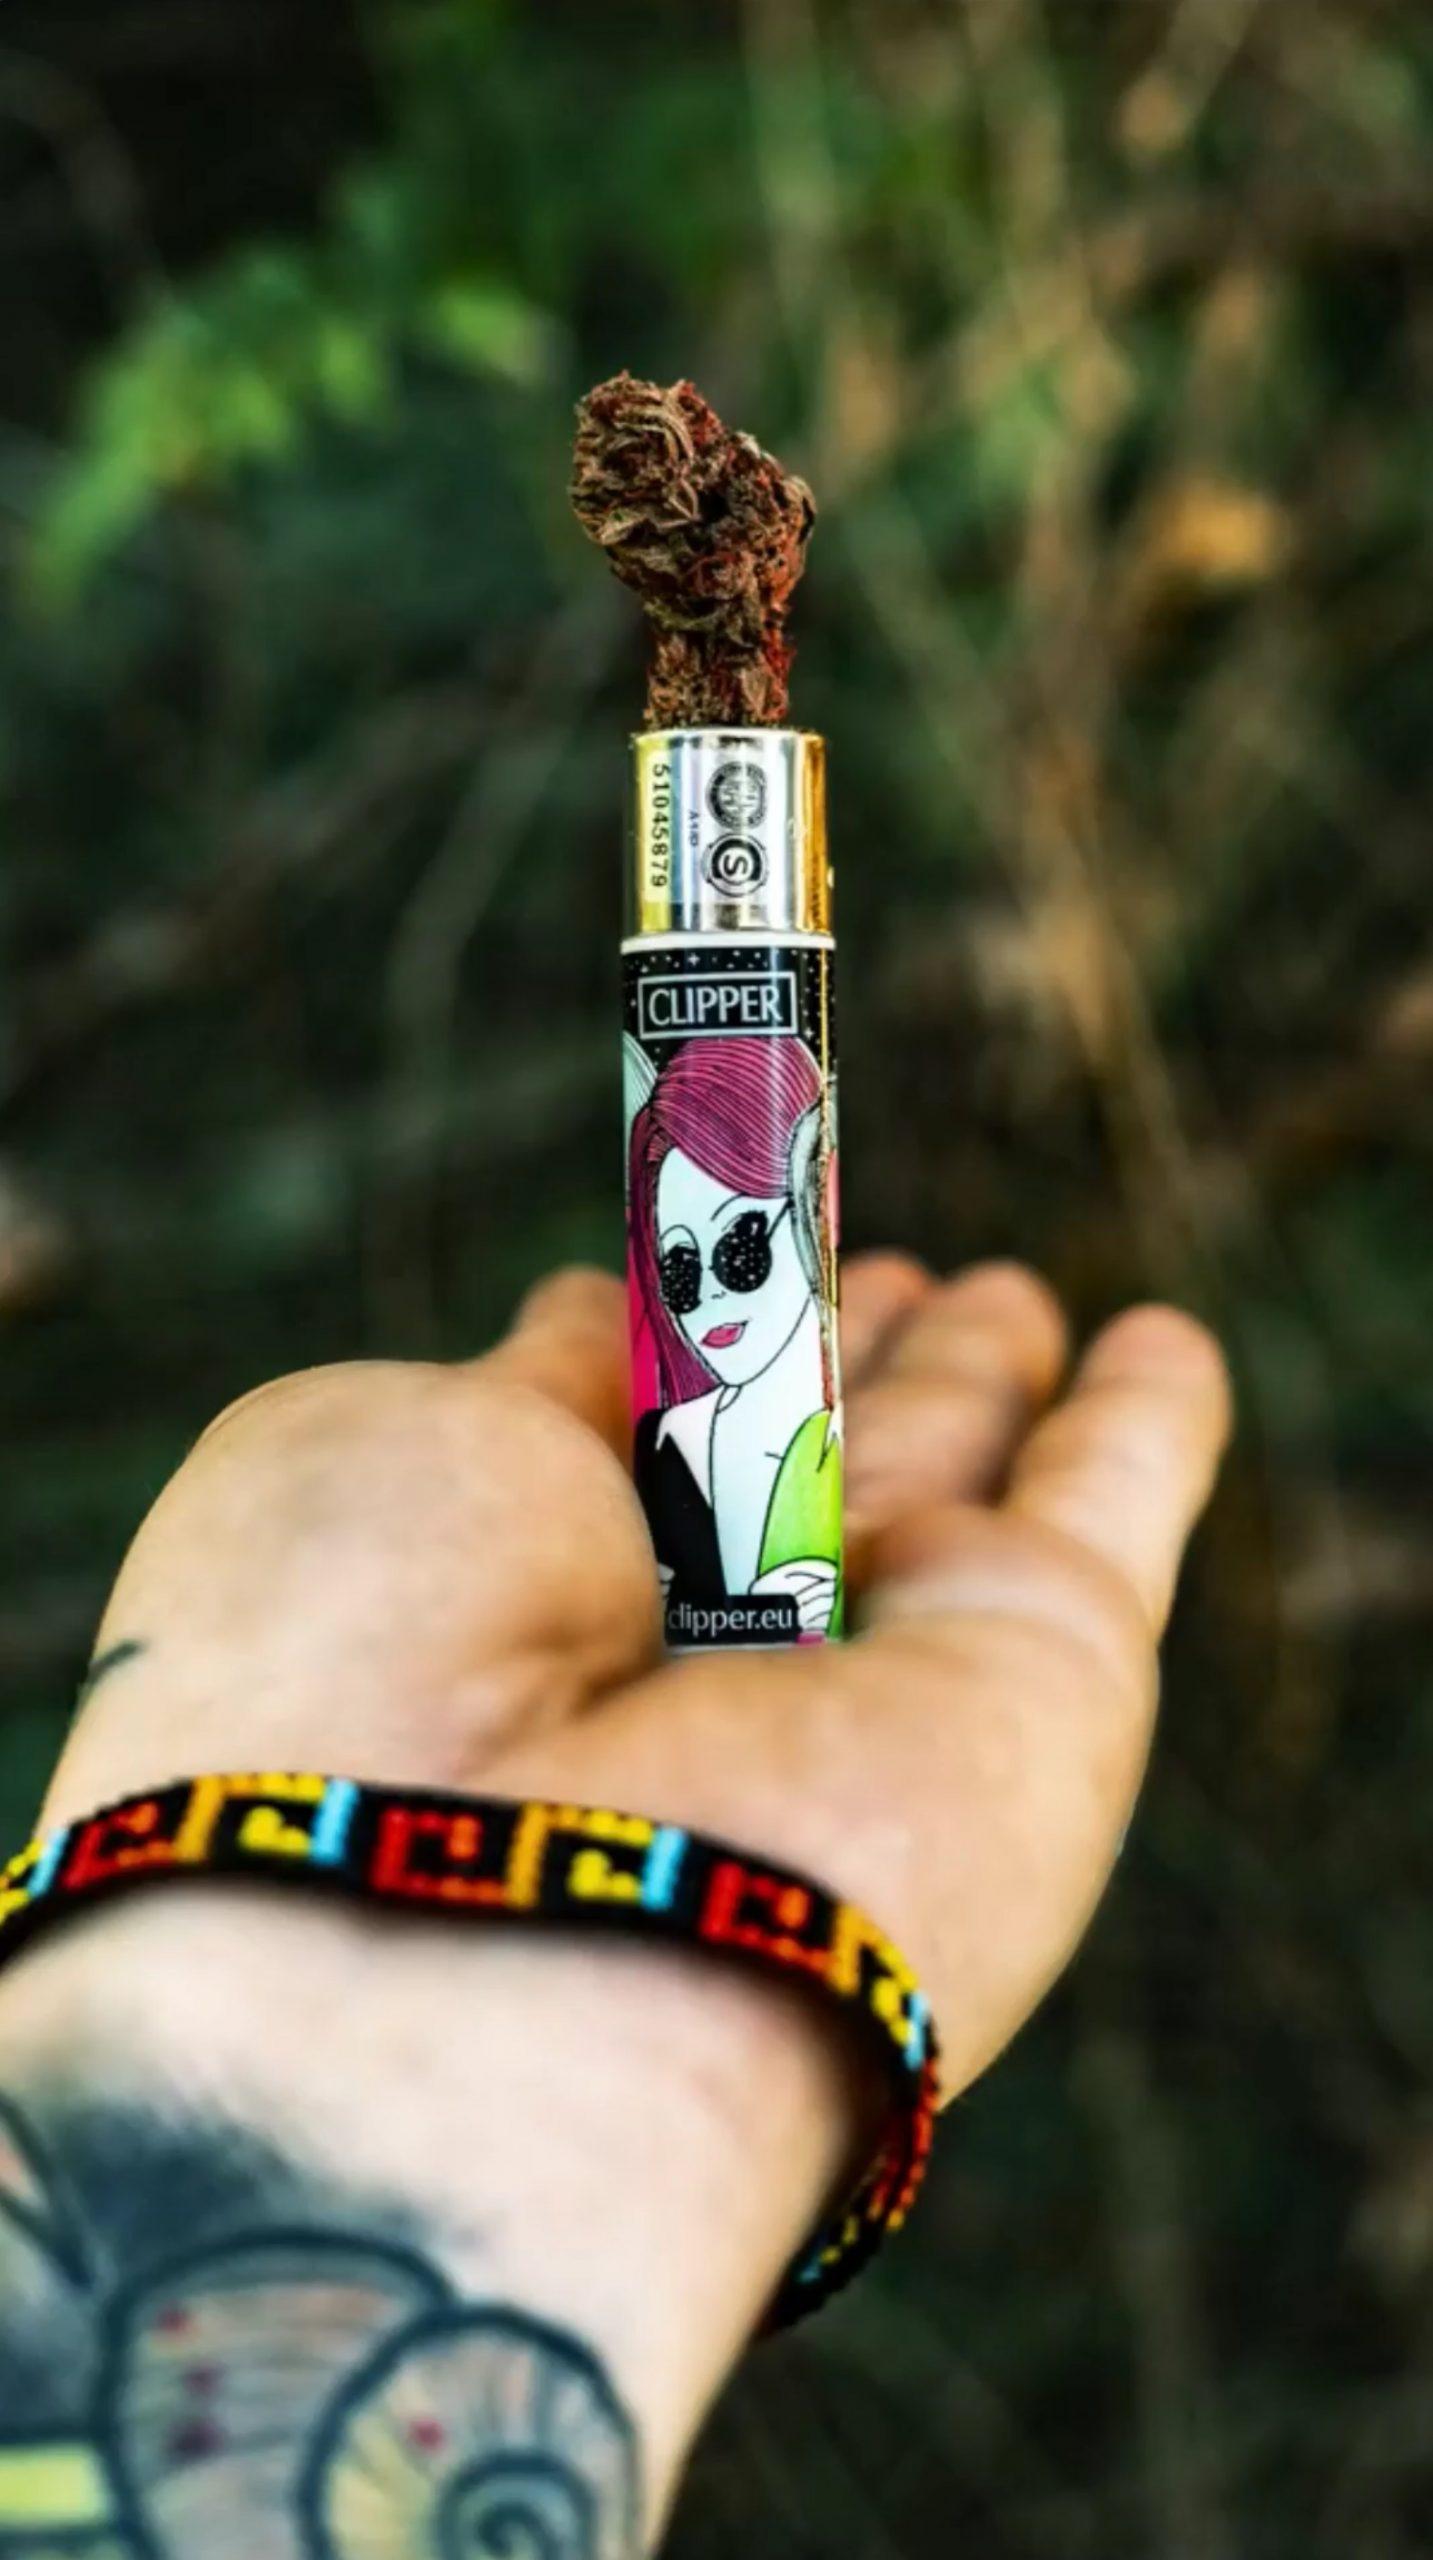 parainfernalia-marketing-cannabis